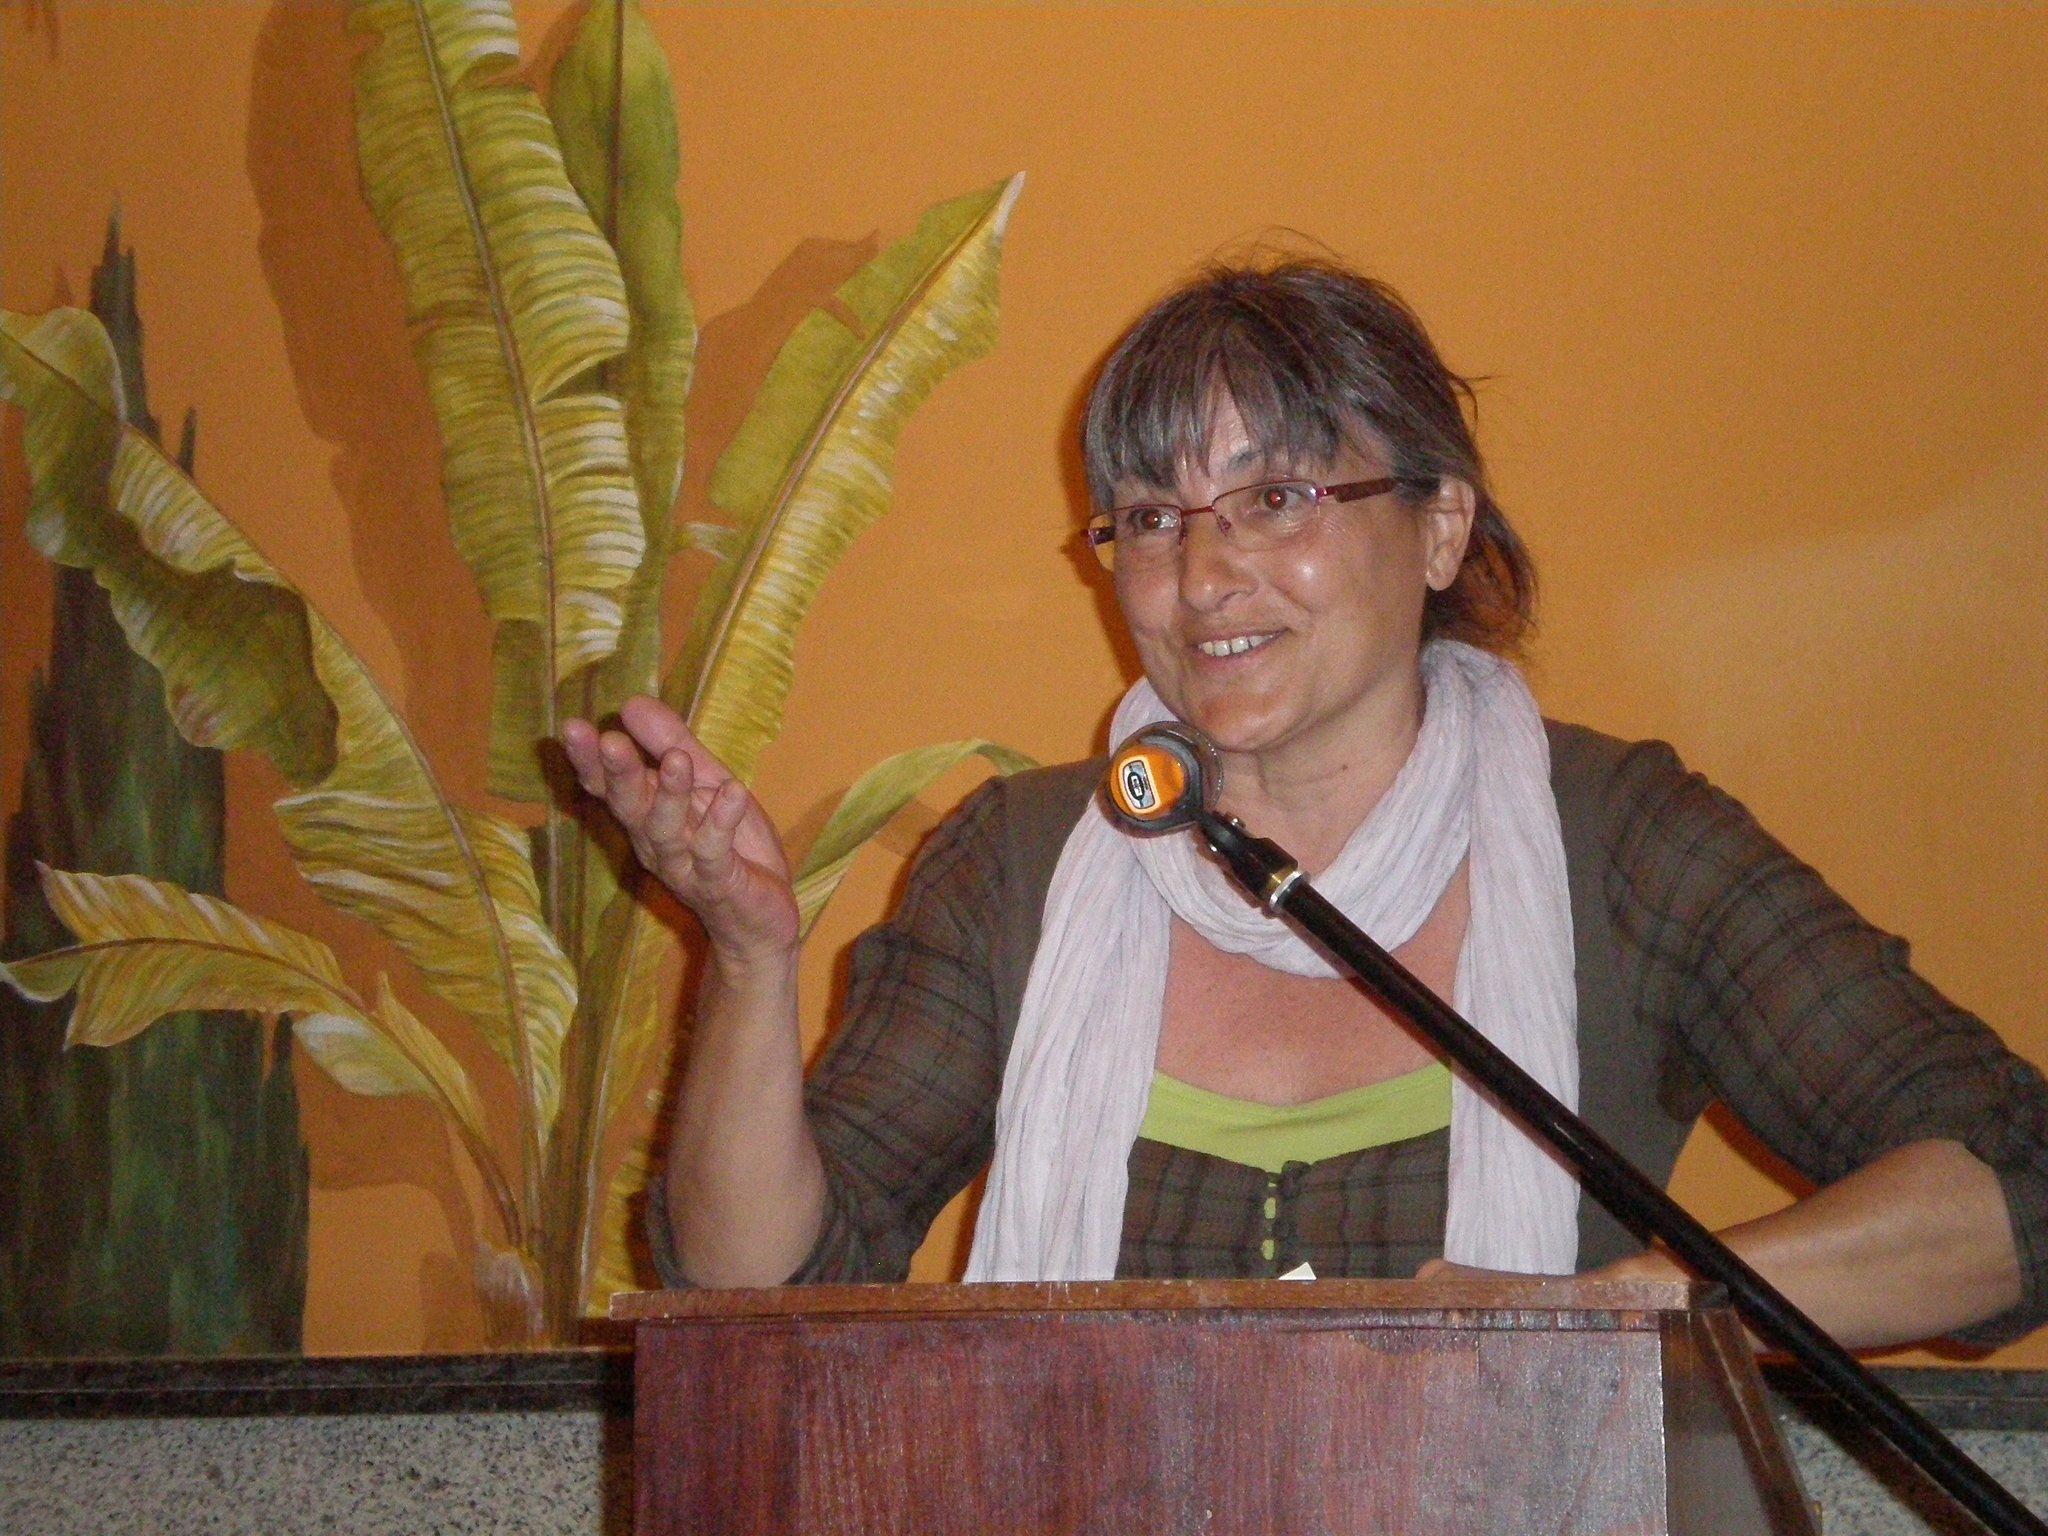 Anna Rossell, IV Encuentro de Poesía en Red (Granada, 2011)